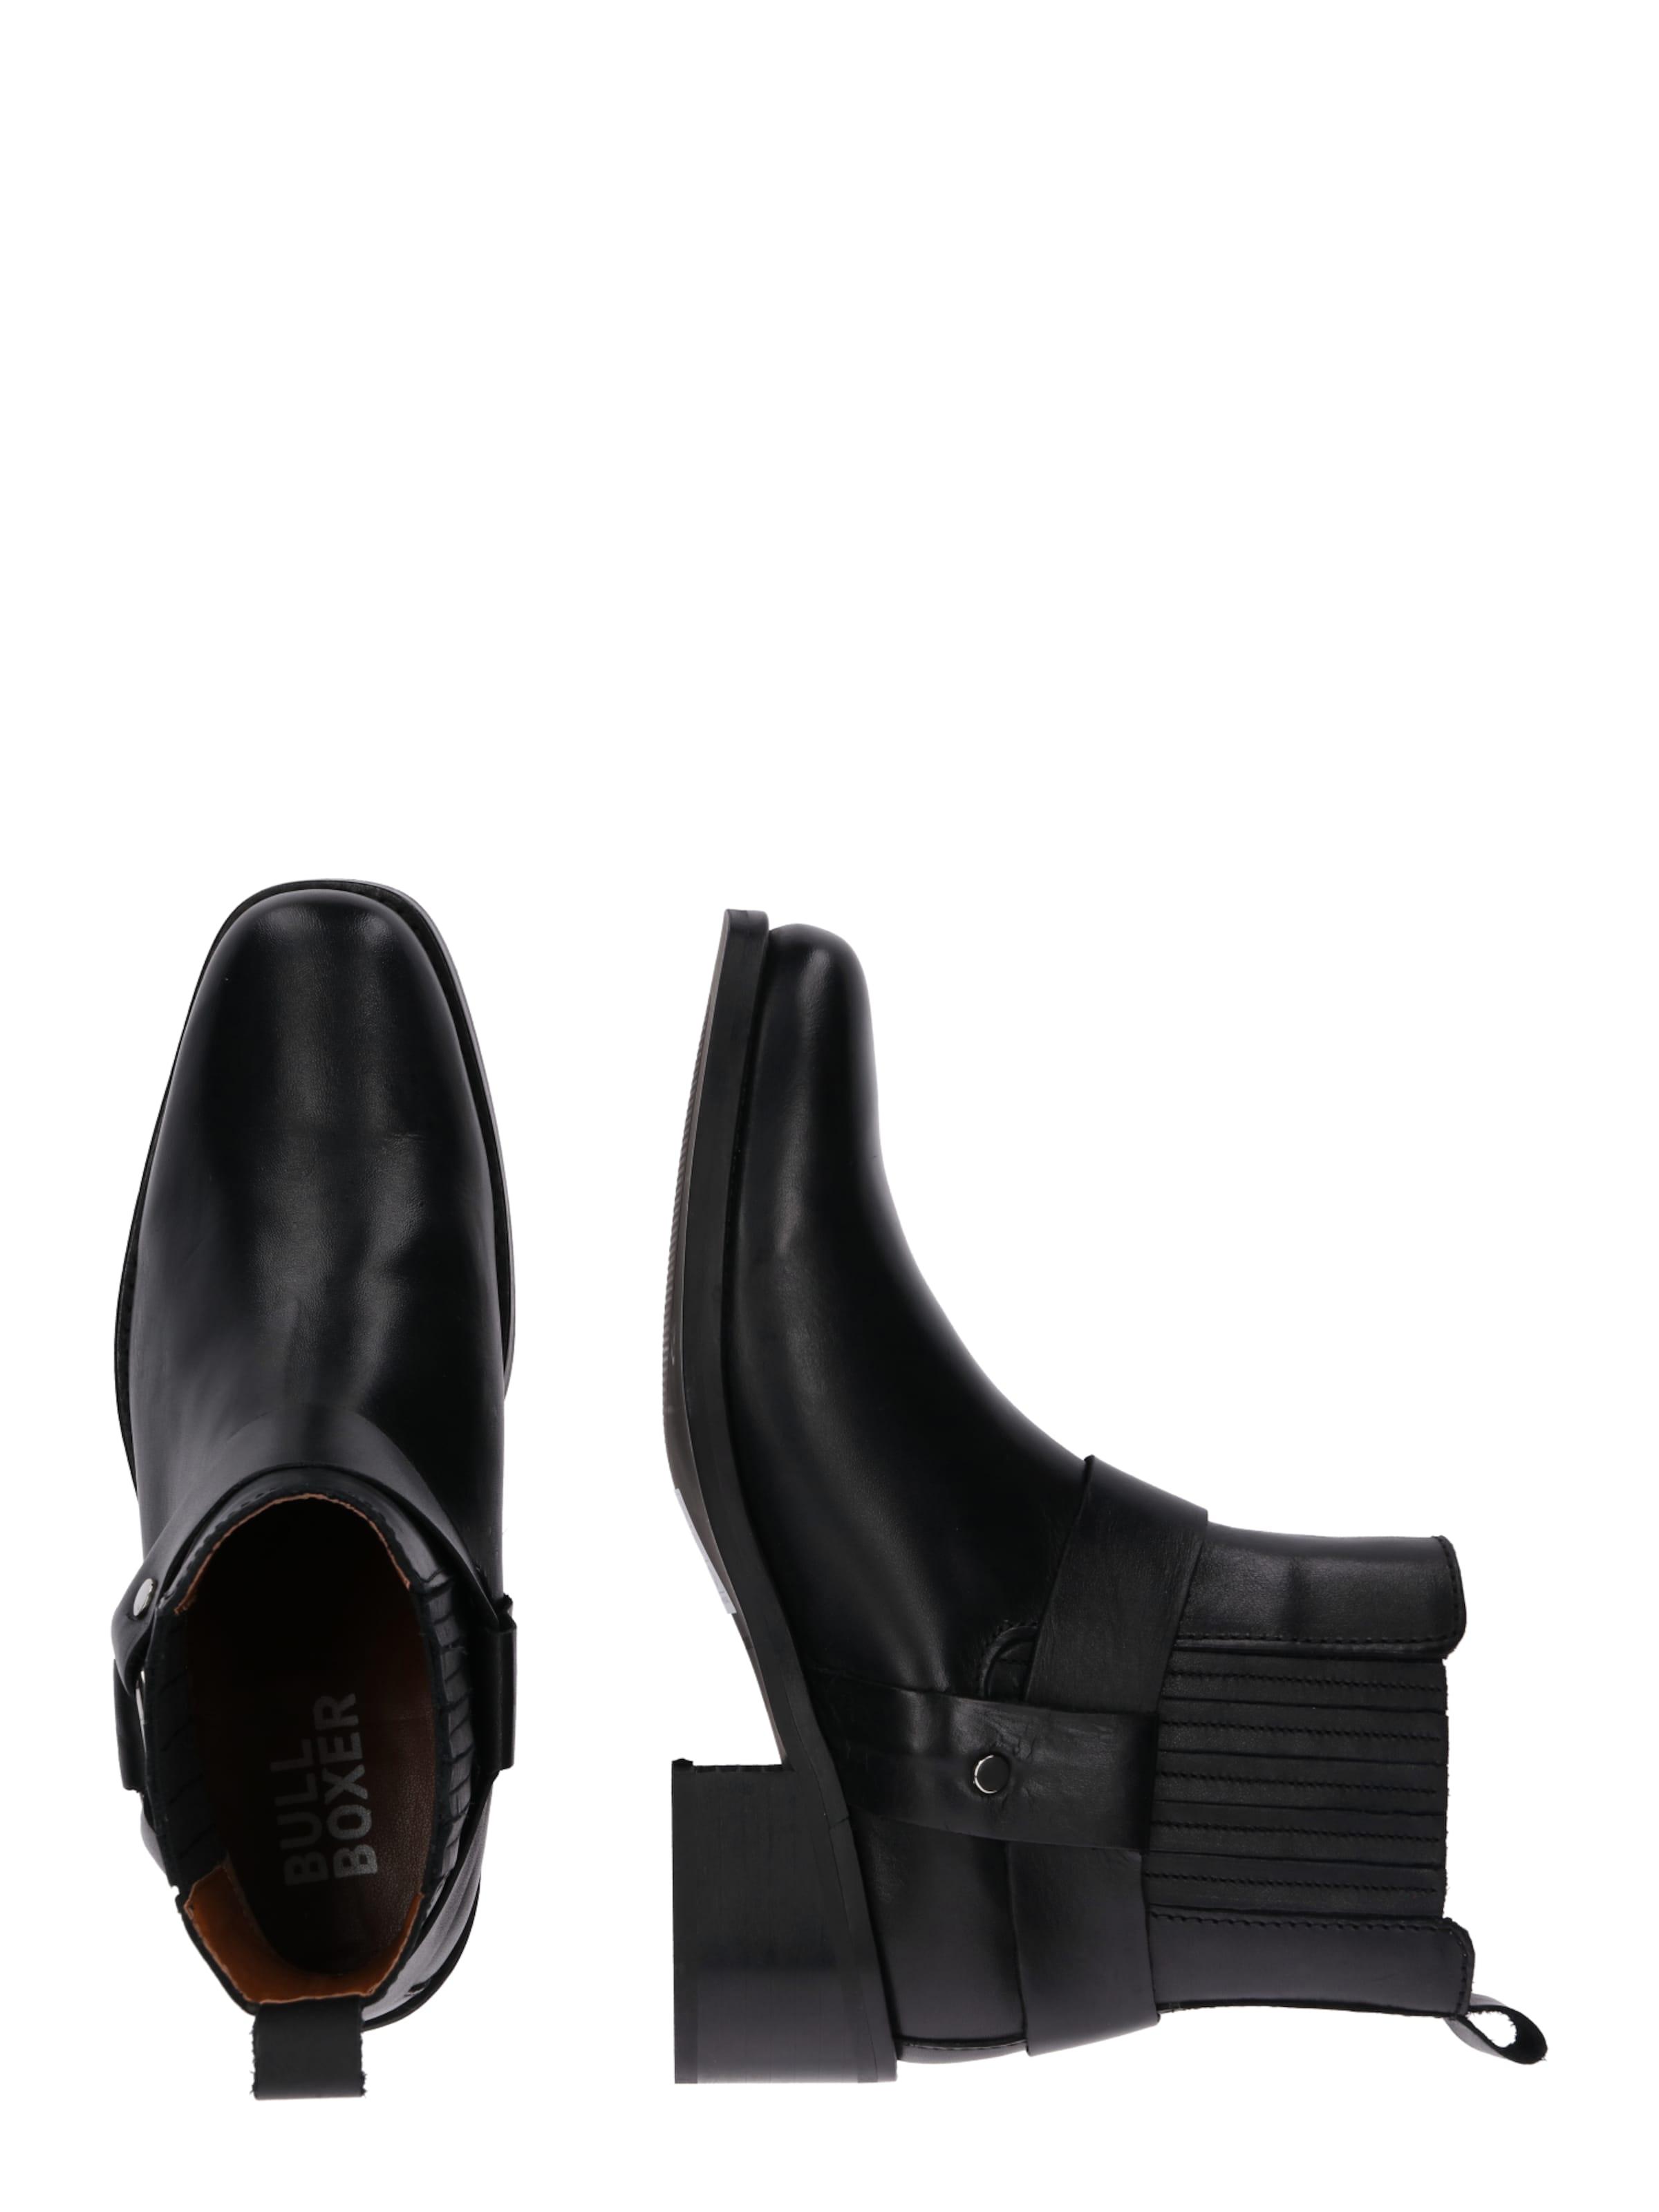 Bullboxer Boots En En Boots En Bullboxer Noir Boots Noir Boots Noir Bullboxer Bullboxer BWQdoxerC